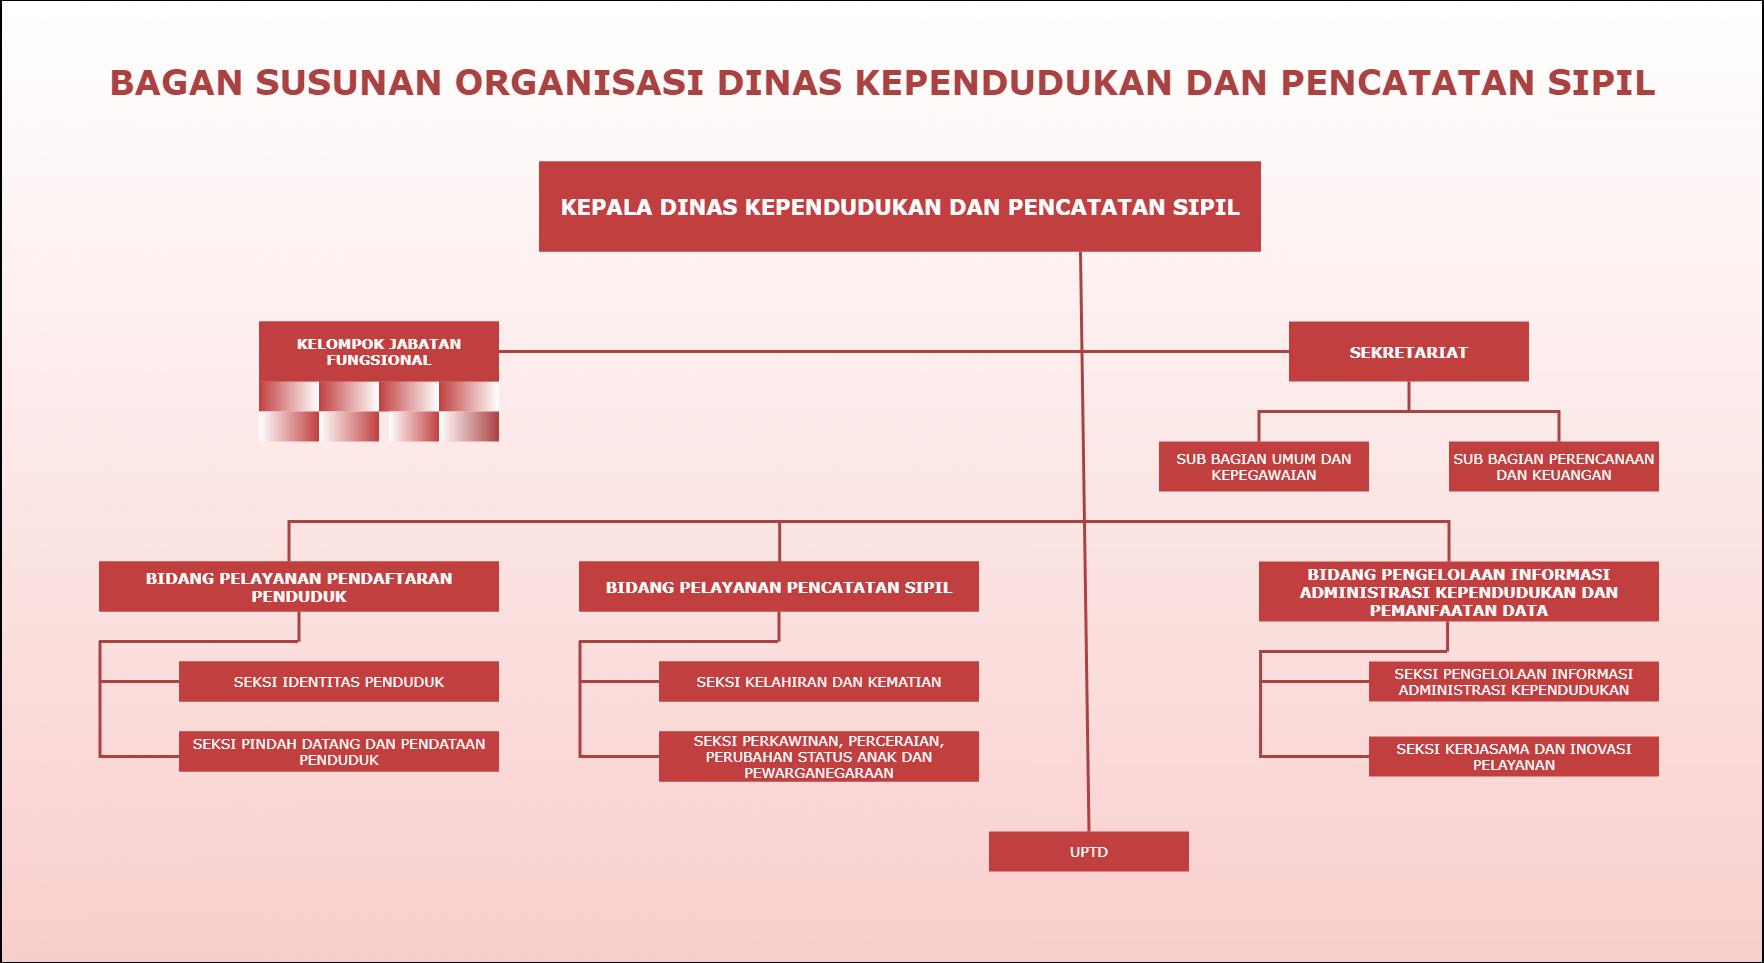 bagan stuktur organisasi